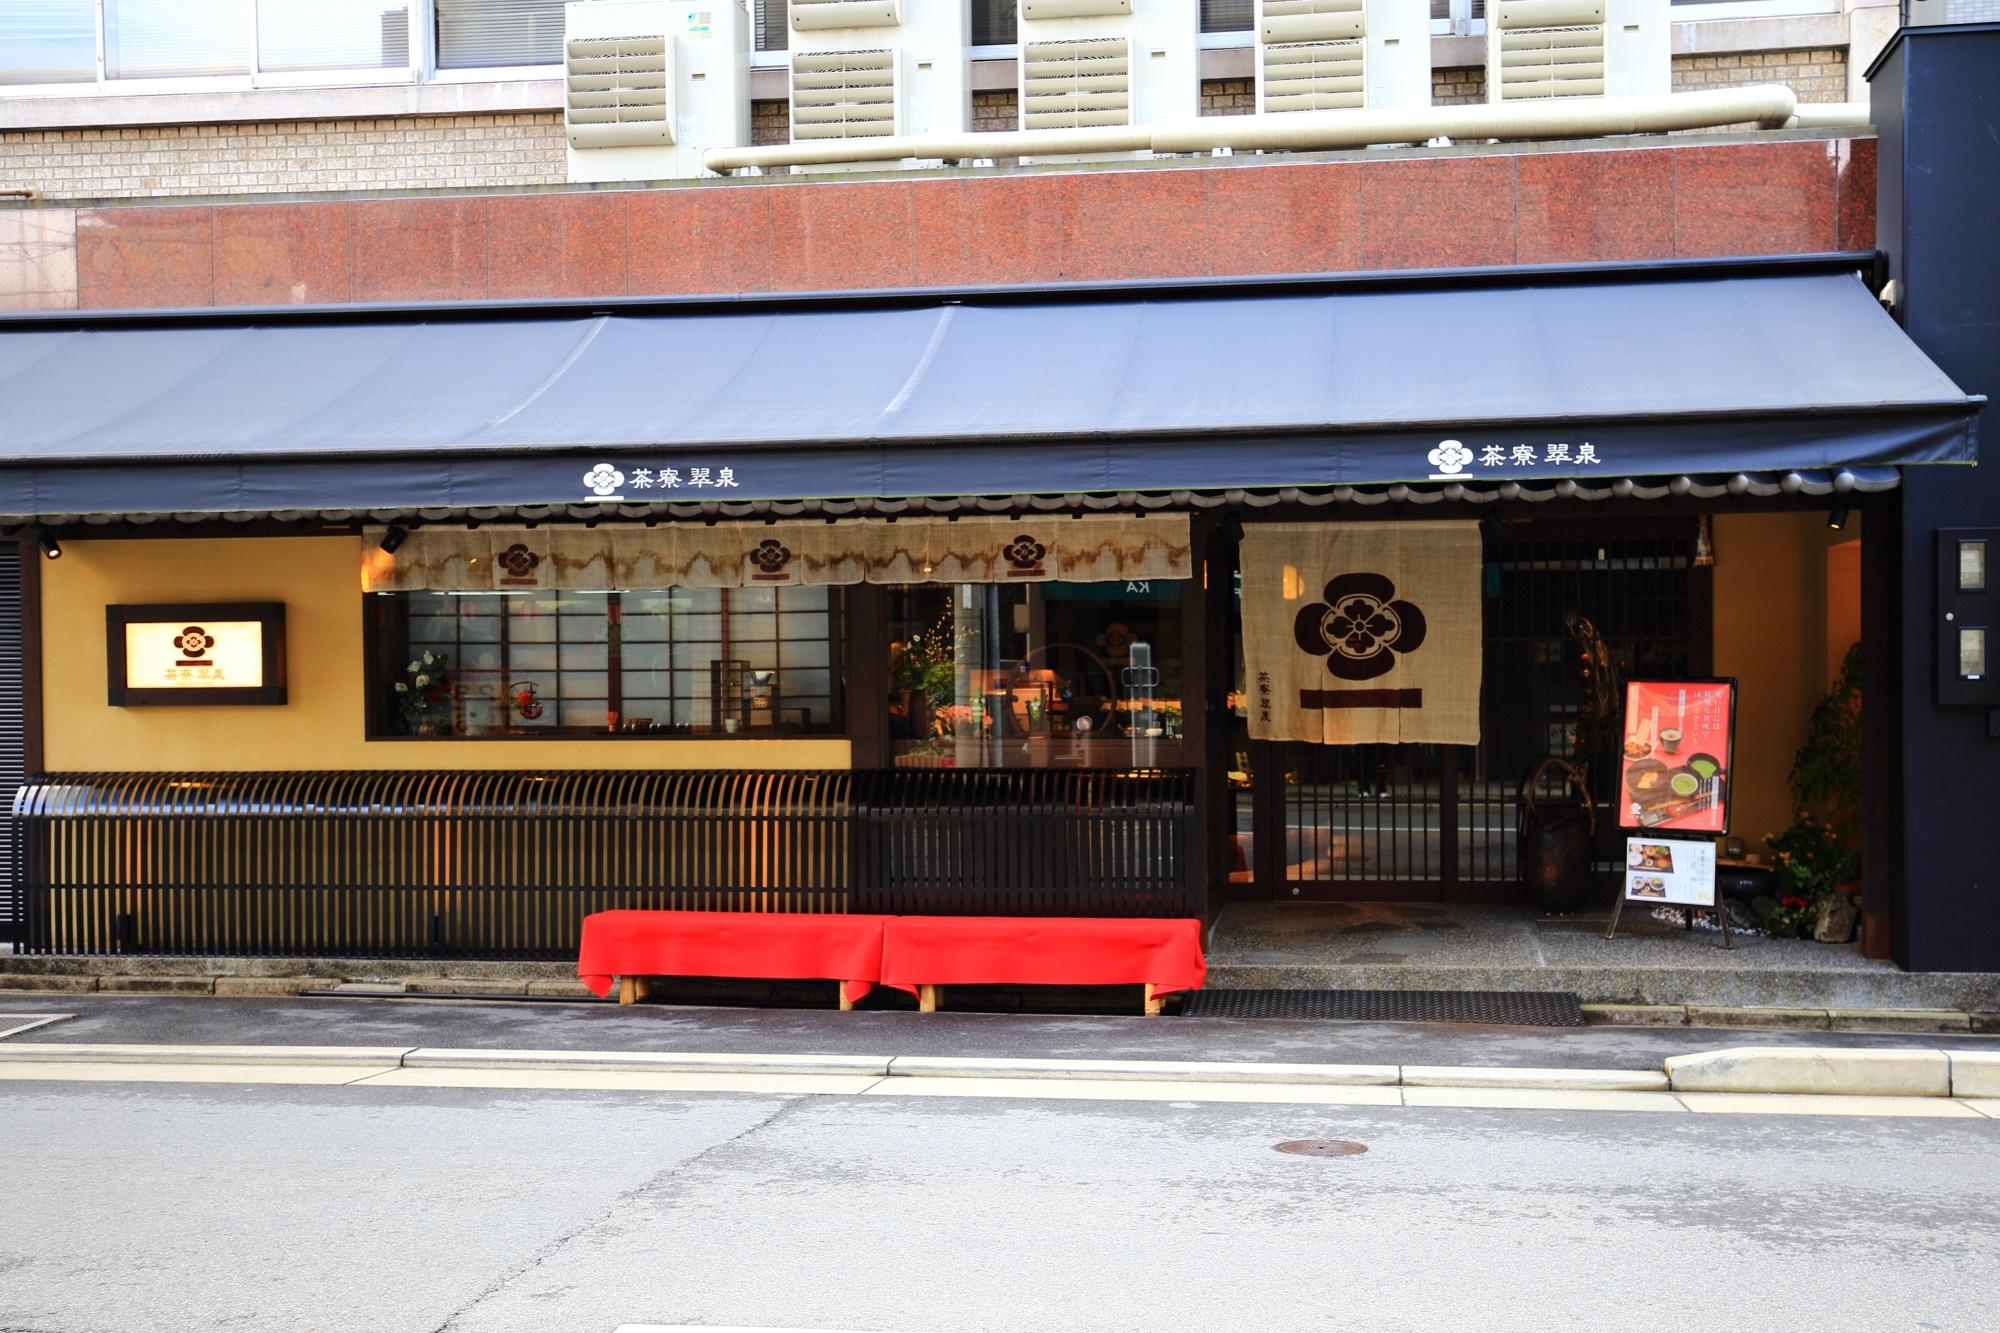 茶寮翠泉 高辻本店 さりょうすいせん 食べログ話題 甘味処 人気